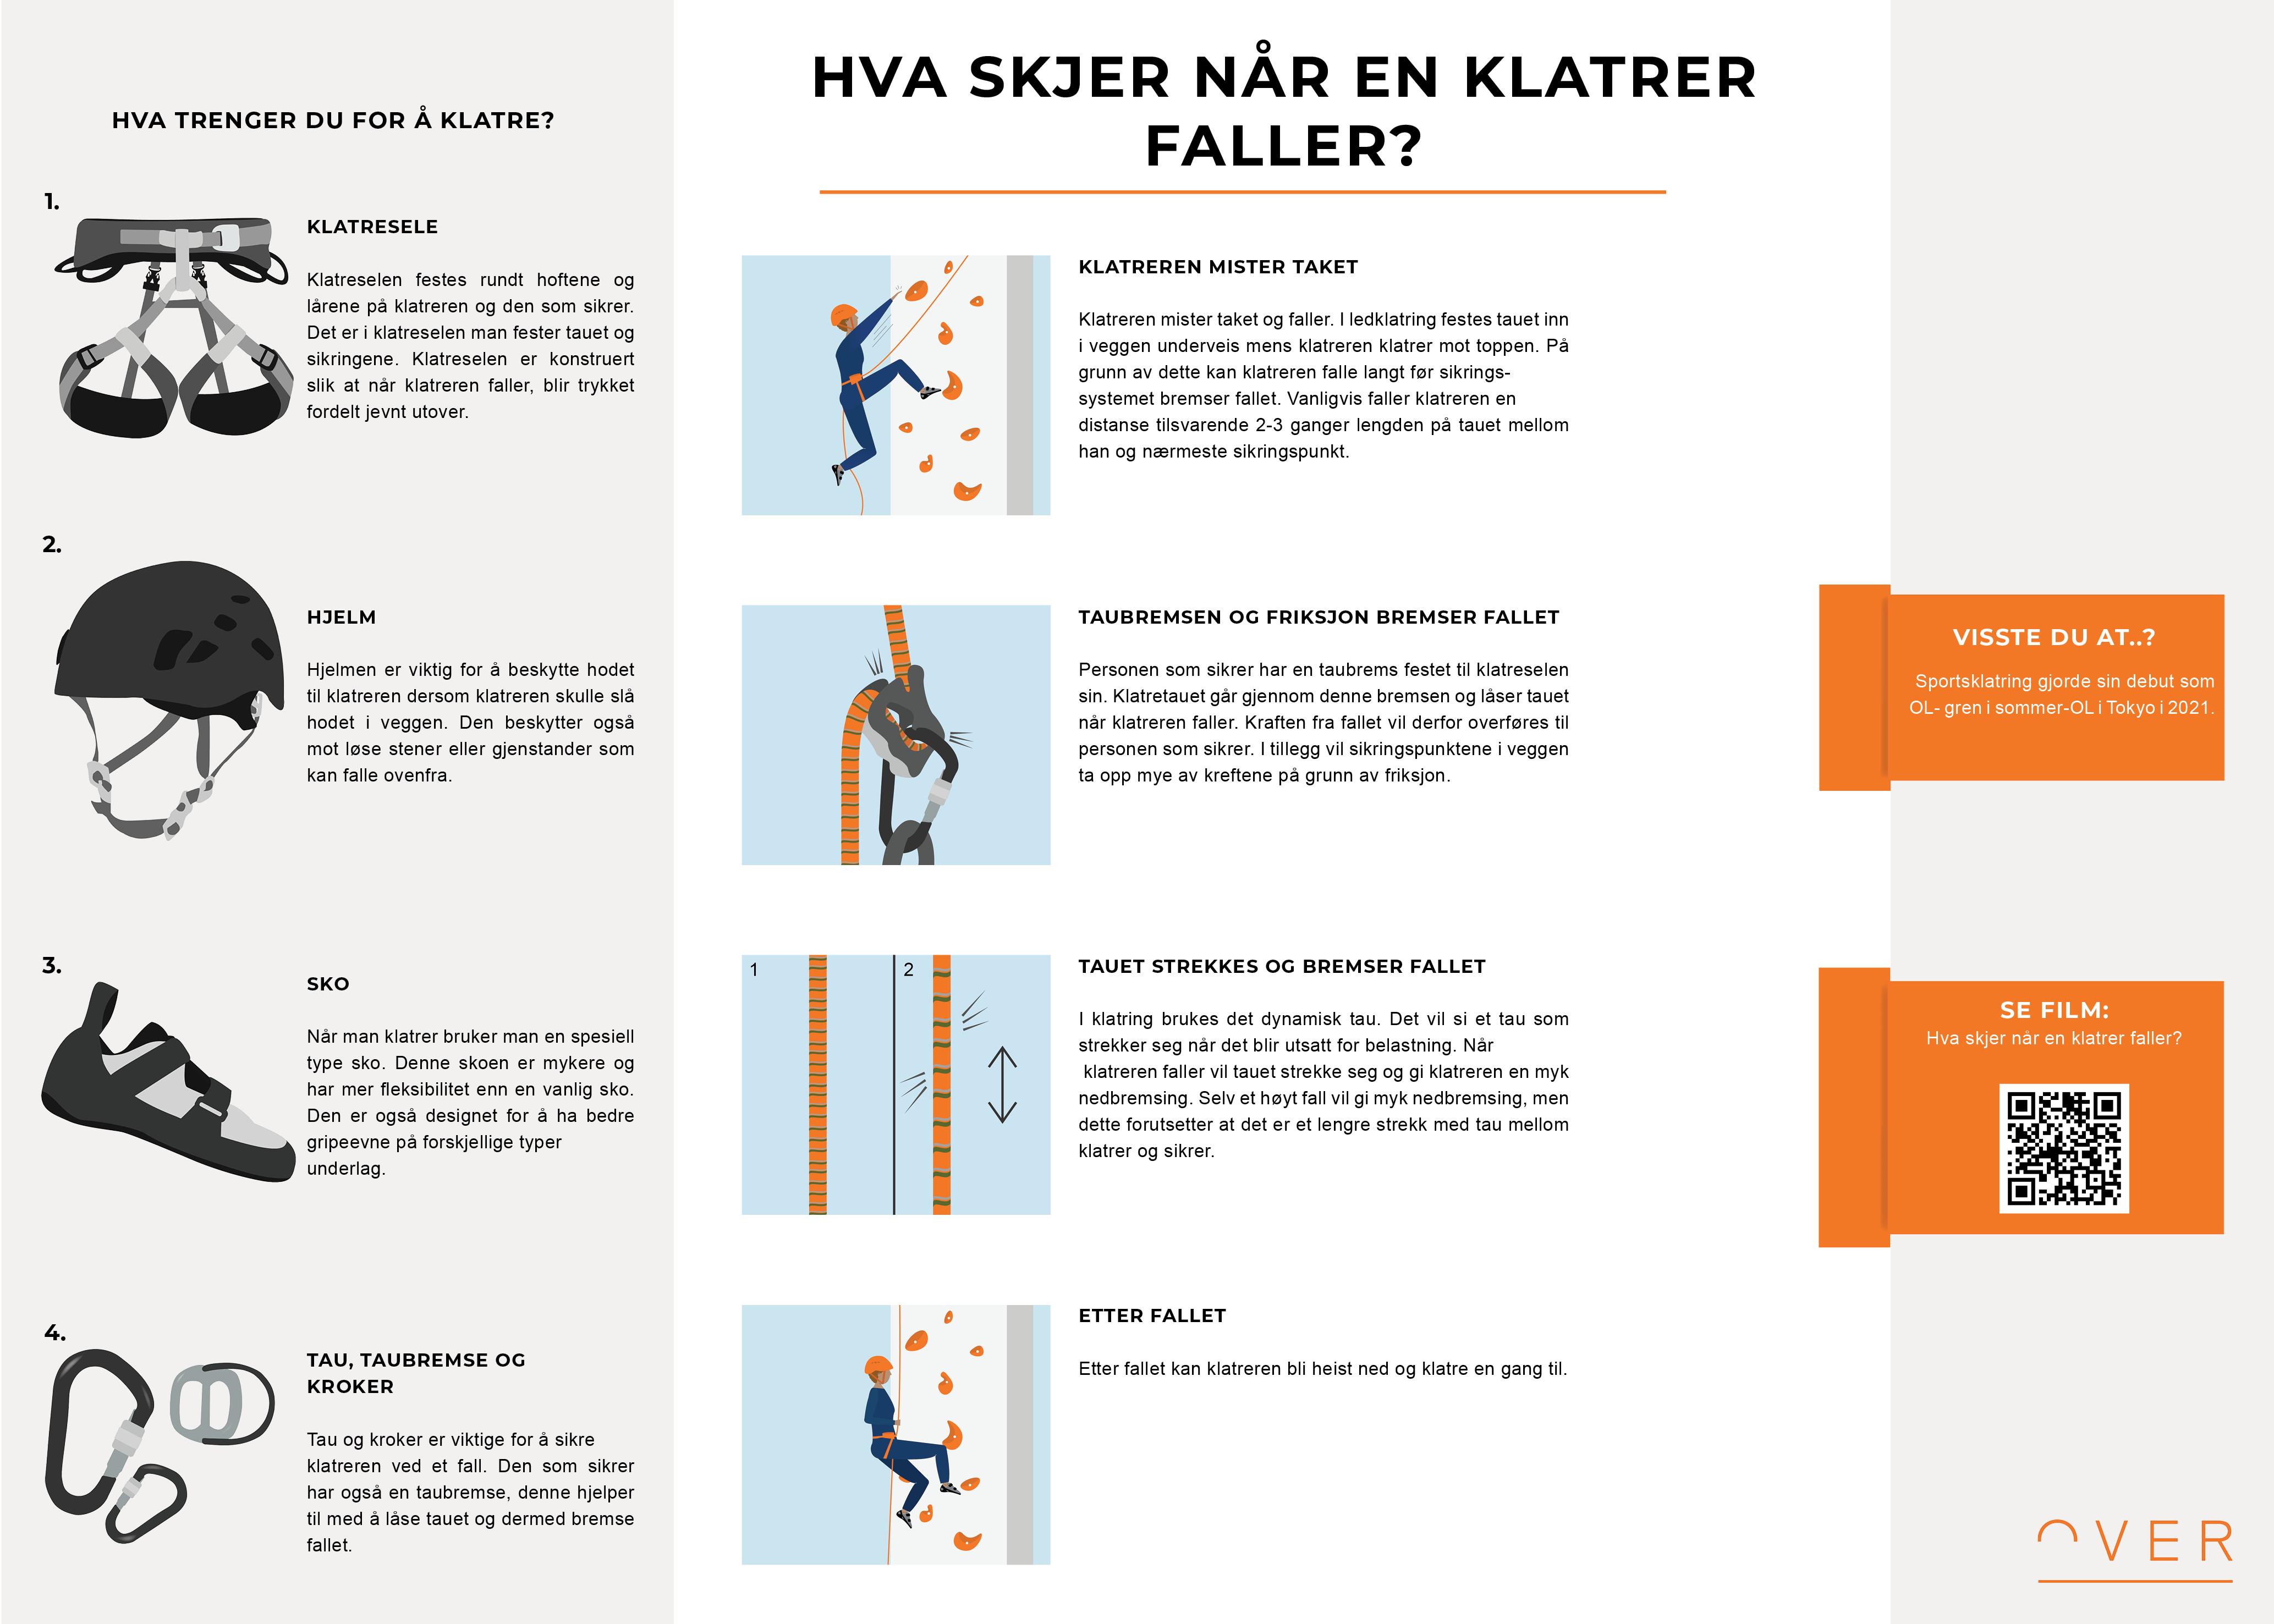 Plakat: Hva skjer når en klatrer faller?